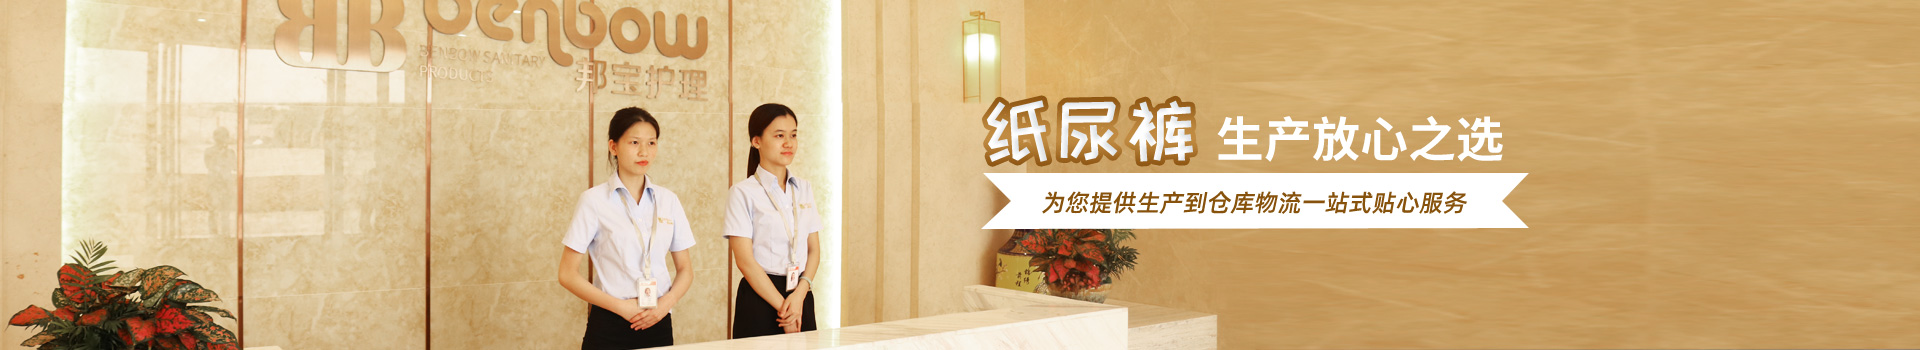 广东邦宝护理—纸尿裤生产放心之选